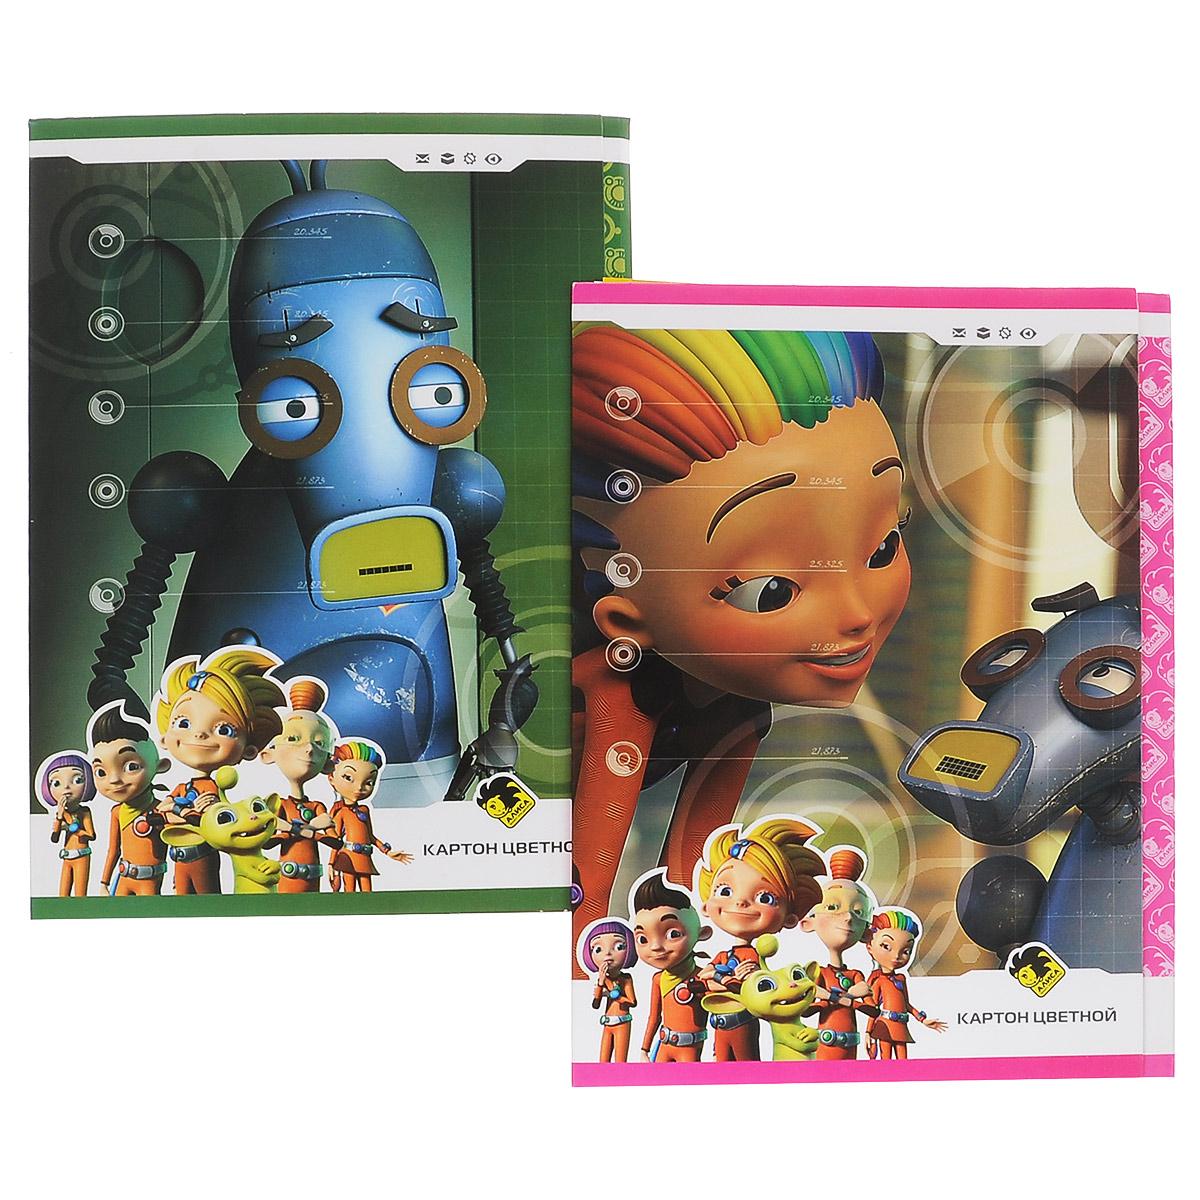 Набор цветного мелованного картона Action Алиса, 8 цветов, 16 листовAZ-ACC-8/8Набор цветного картона Action Алиса позволит создавать всевозможные аппликации и поделки. Набор состоит из 16 листов формата А4 одностороннего цветного картона 8 цветов: желтого, оранжевого, белого, коричневого, синего, красного, зеленого и черного. Создание поделок из цветного картона позволяет ребенку развивать творческие способности, кроме того, это увлекательный досуг. Набор упакован в 2 картонные папки, оформленные изображениями героев мультфильма Алиса знает, что делает.